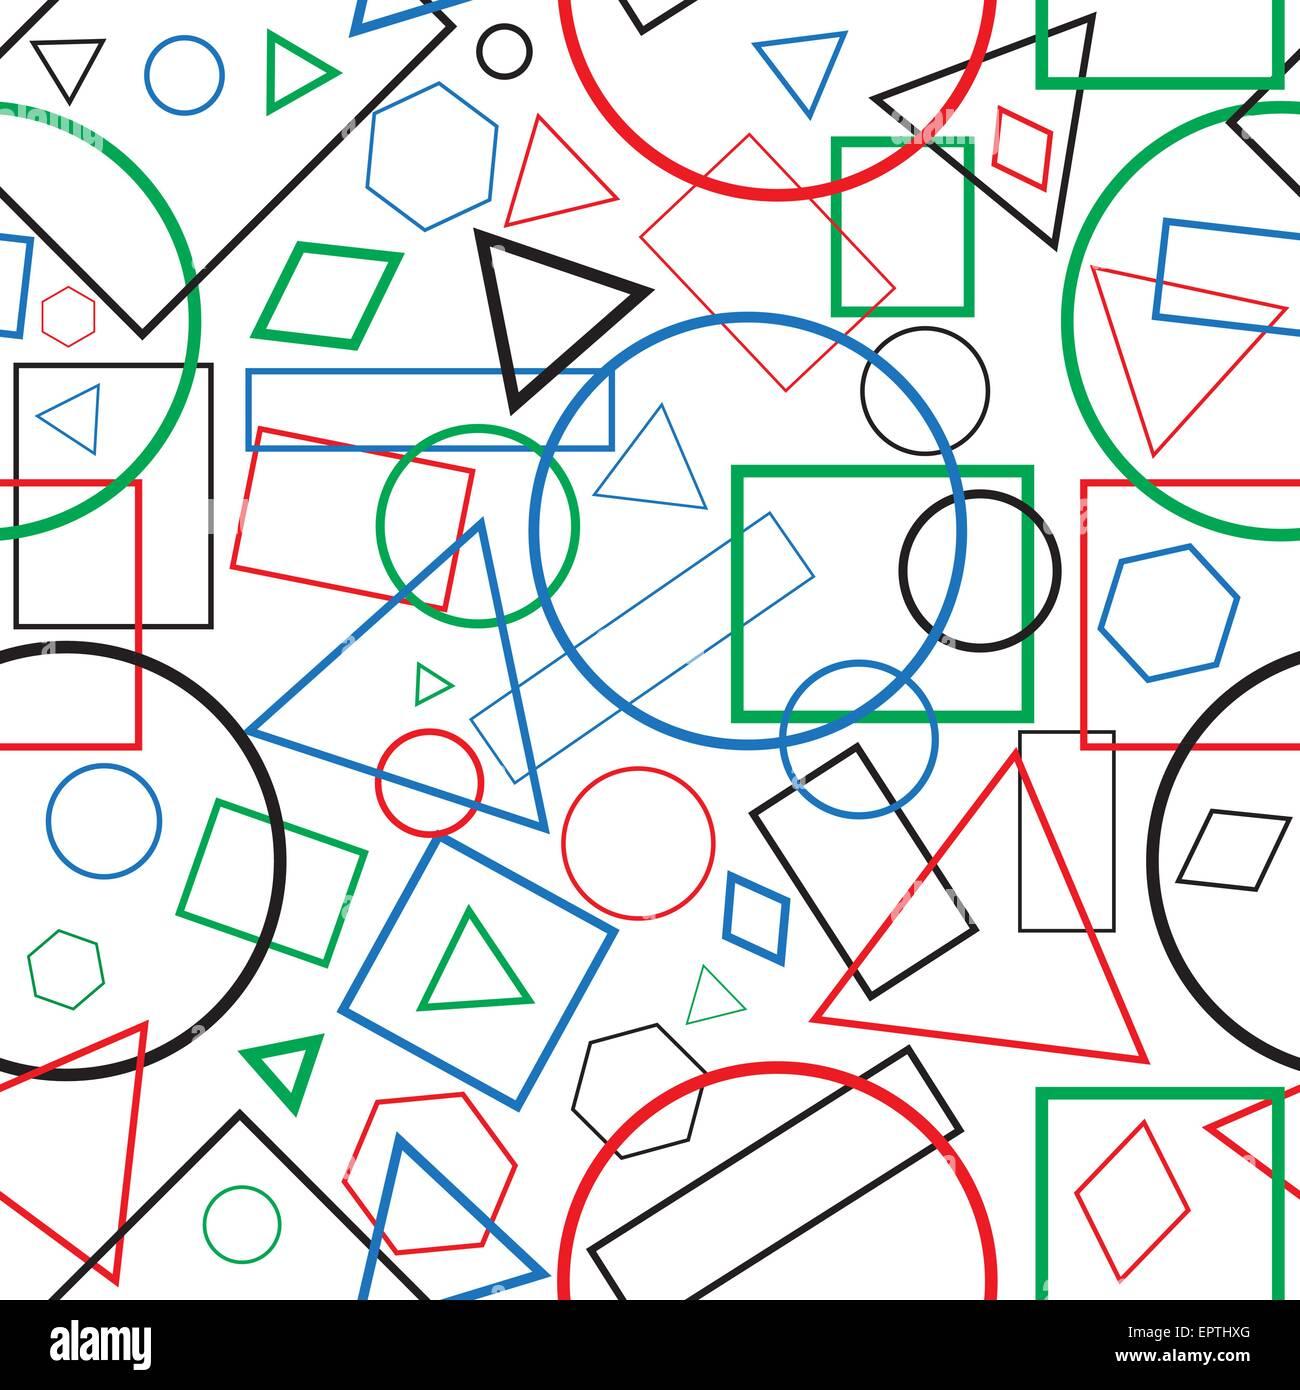 Ilustraci n perfecta figuras geom tricas de patr n para el for Papel tapiz de patron para el pasillo